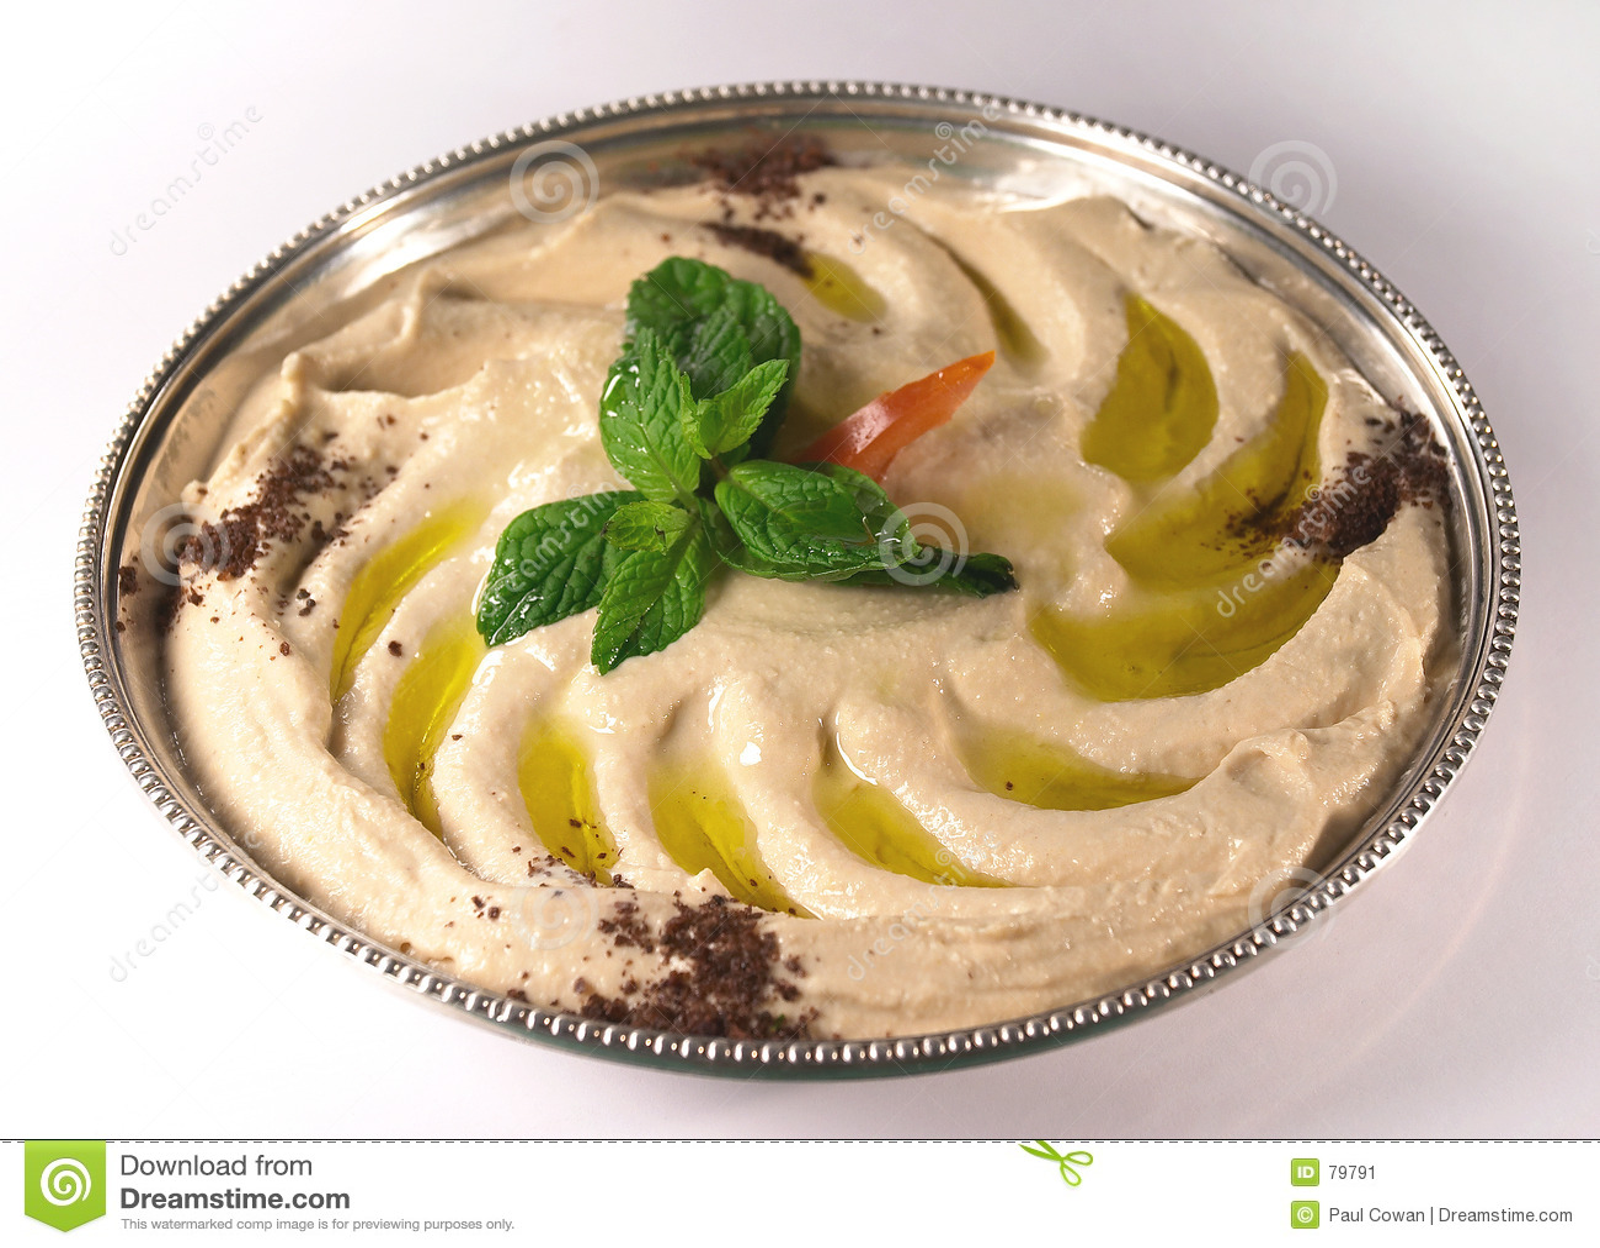 Hummus sur un plateau